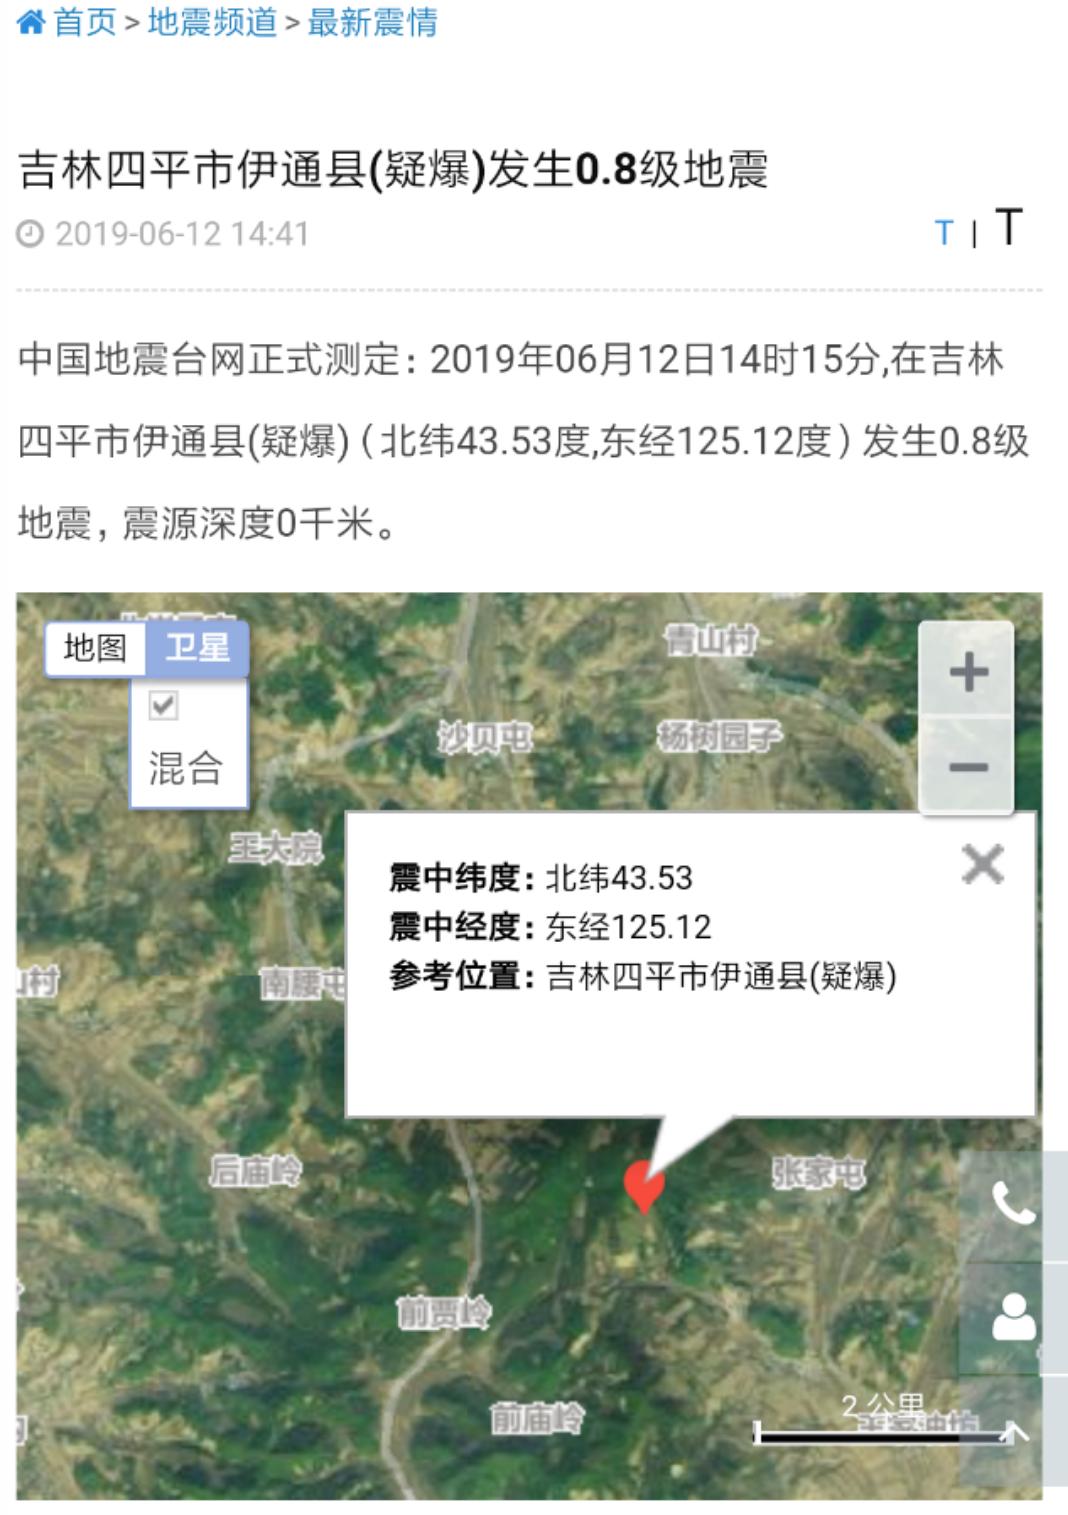 福建省地震局發佈消息稱,吉林伊通縣(疑爆)發生0.8級地震。來源:網頁截圖